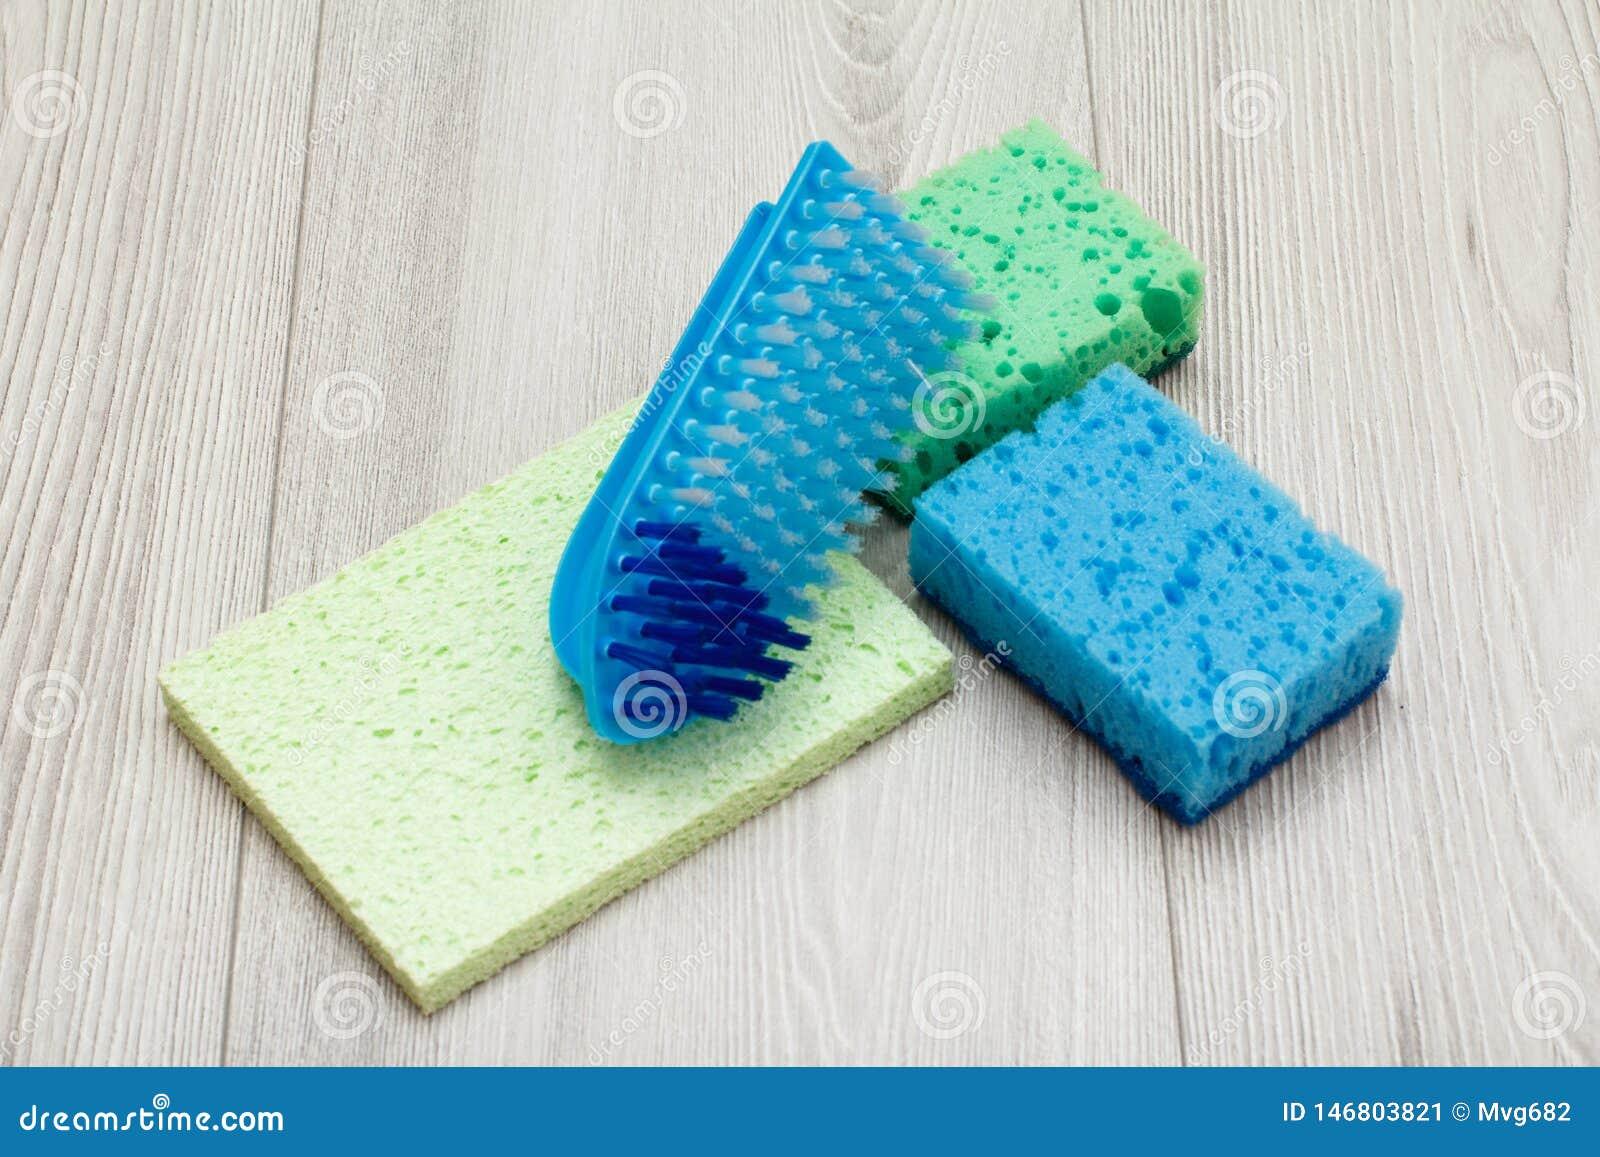 Synthetische sponsen, microfiber servet en borstel voor het schoonmaken op houten raad